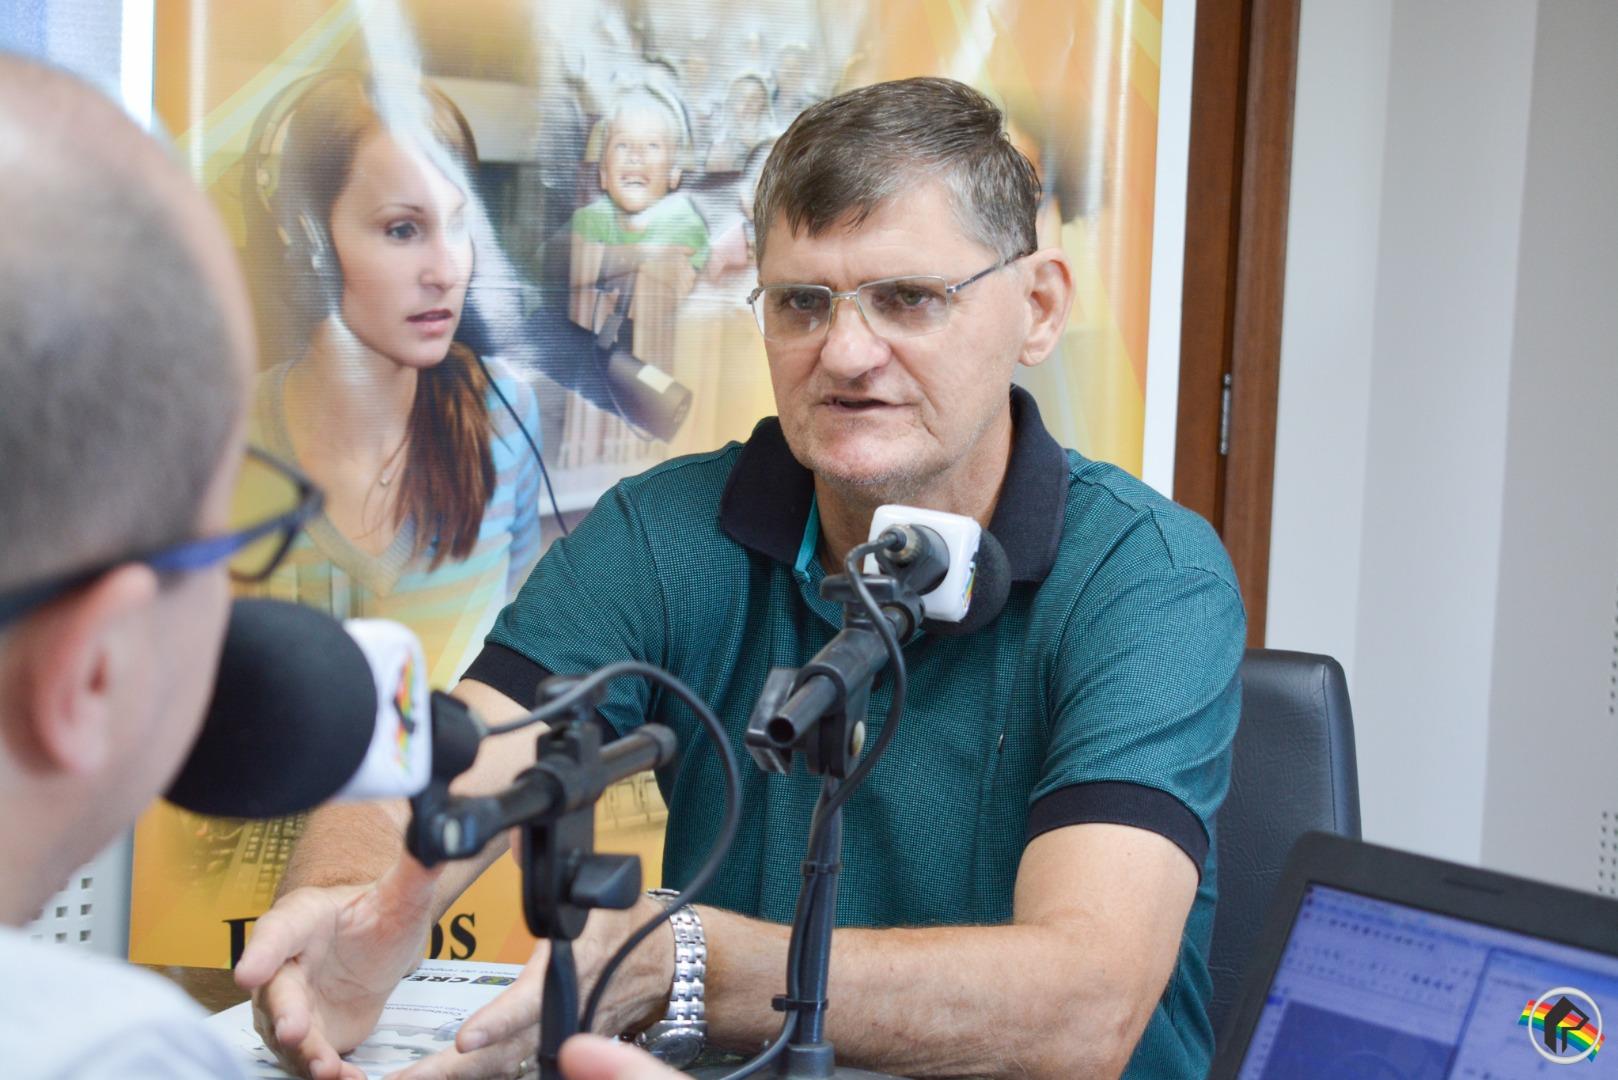 Retrato Falado recebe o Engenheiro Agrônomo João Carlos Biazibetti